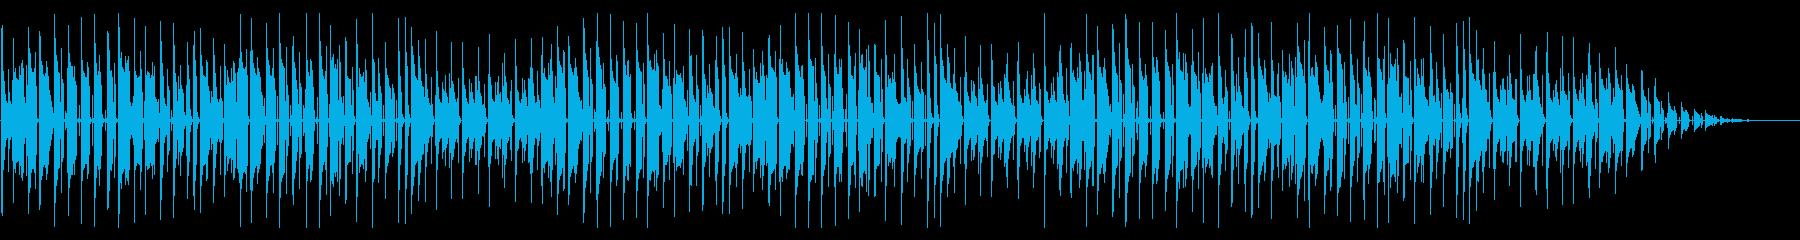 童謡「たなばたさま」脱力系アレンジの再生済みの波形